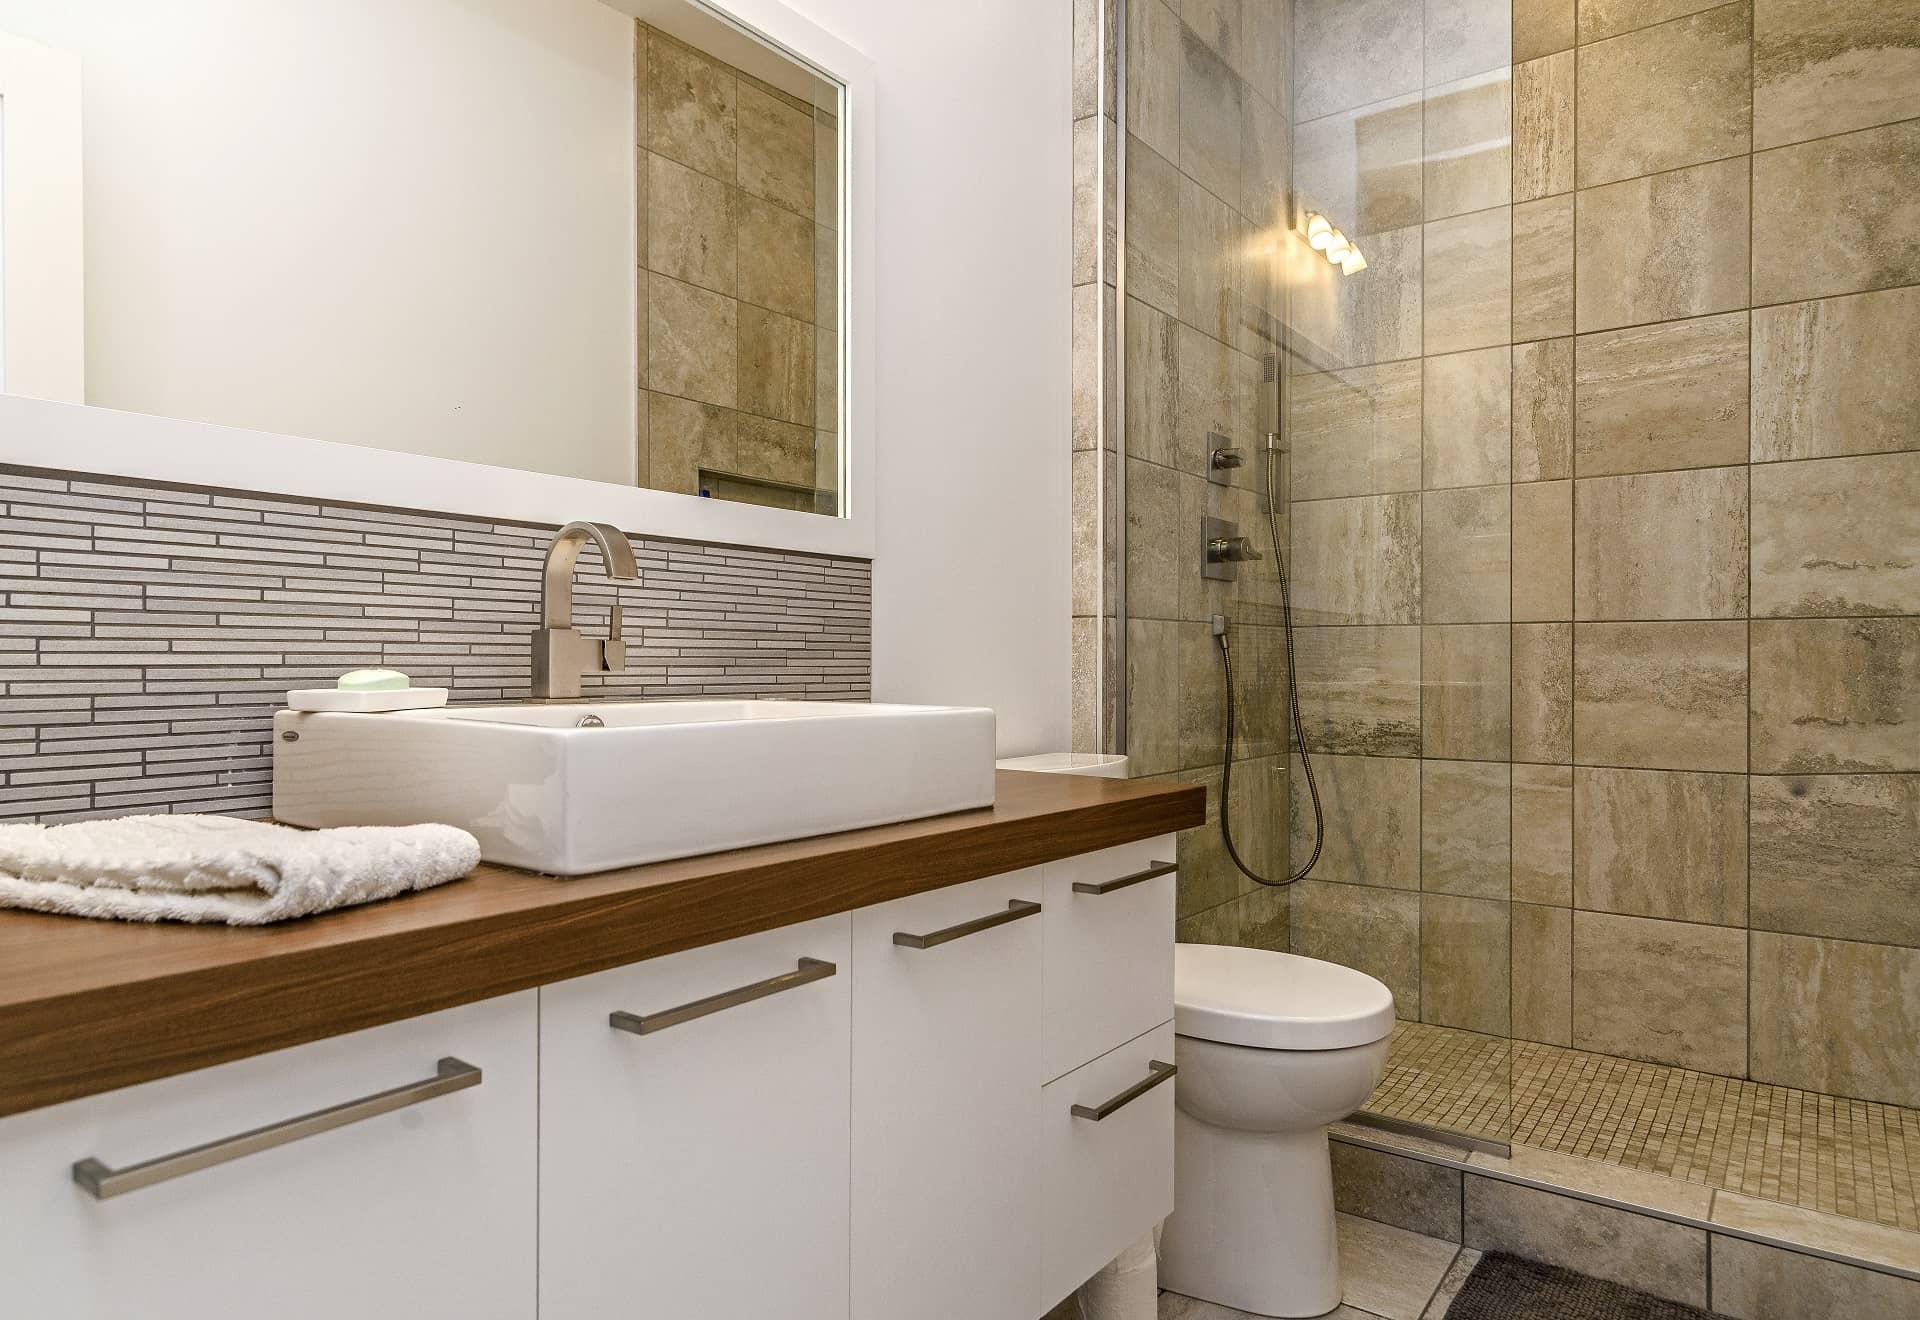 salle de bain avec douche de verre a litalienne.